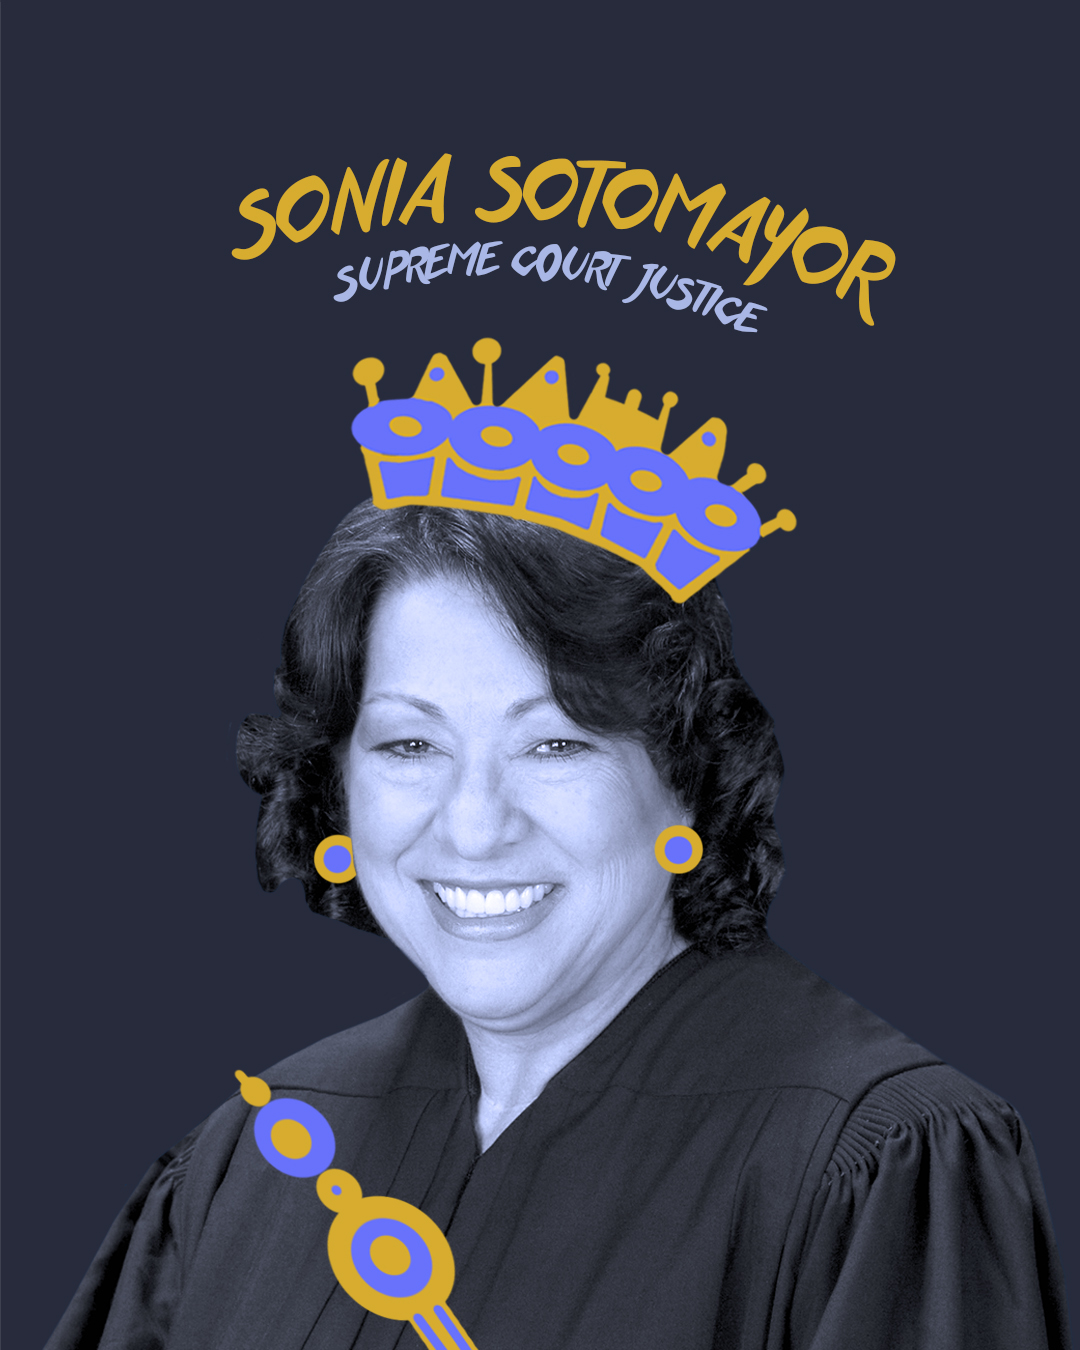 Sonia_Sotomayor.jpg